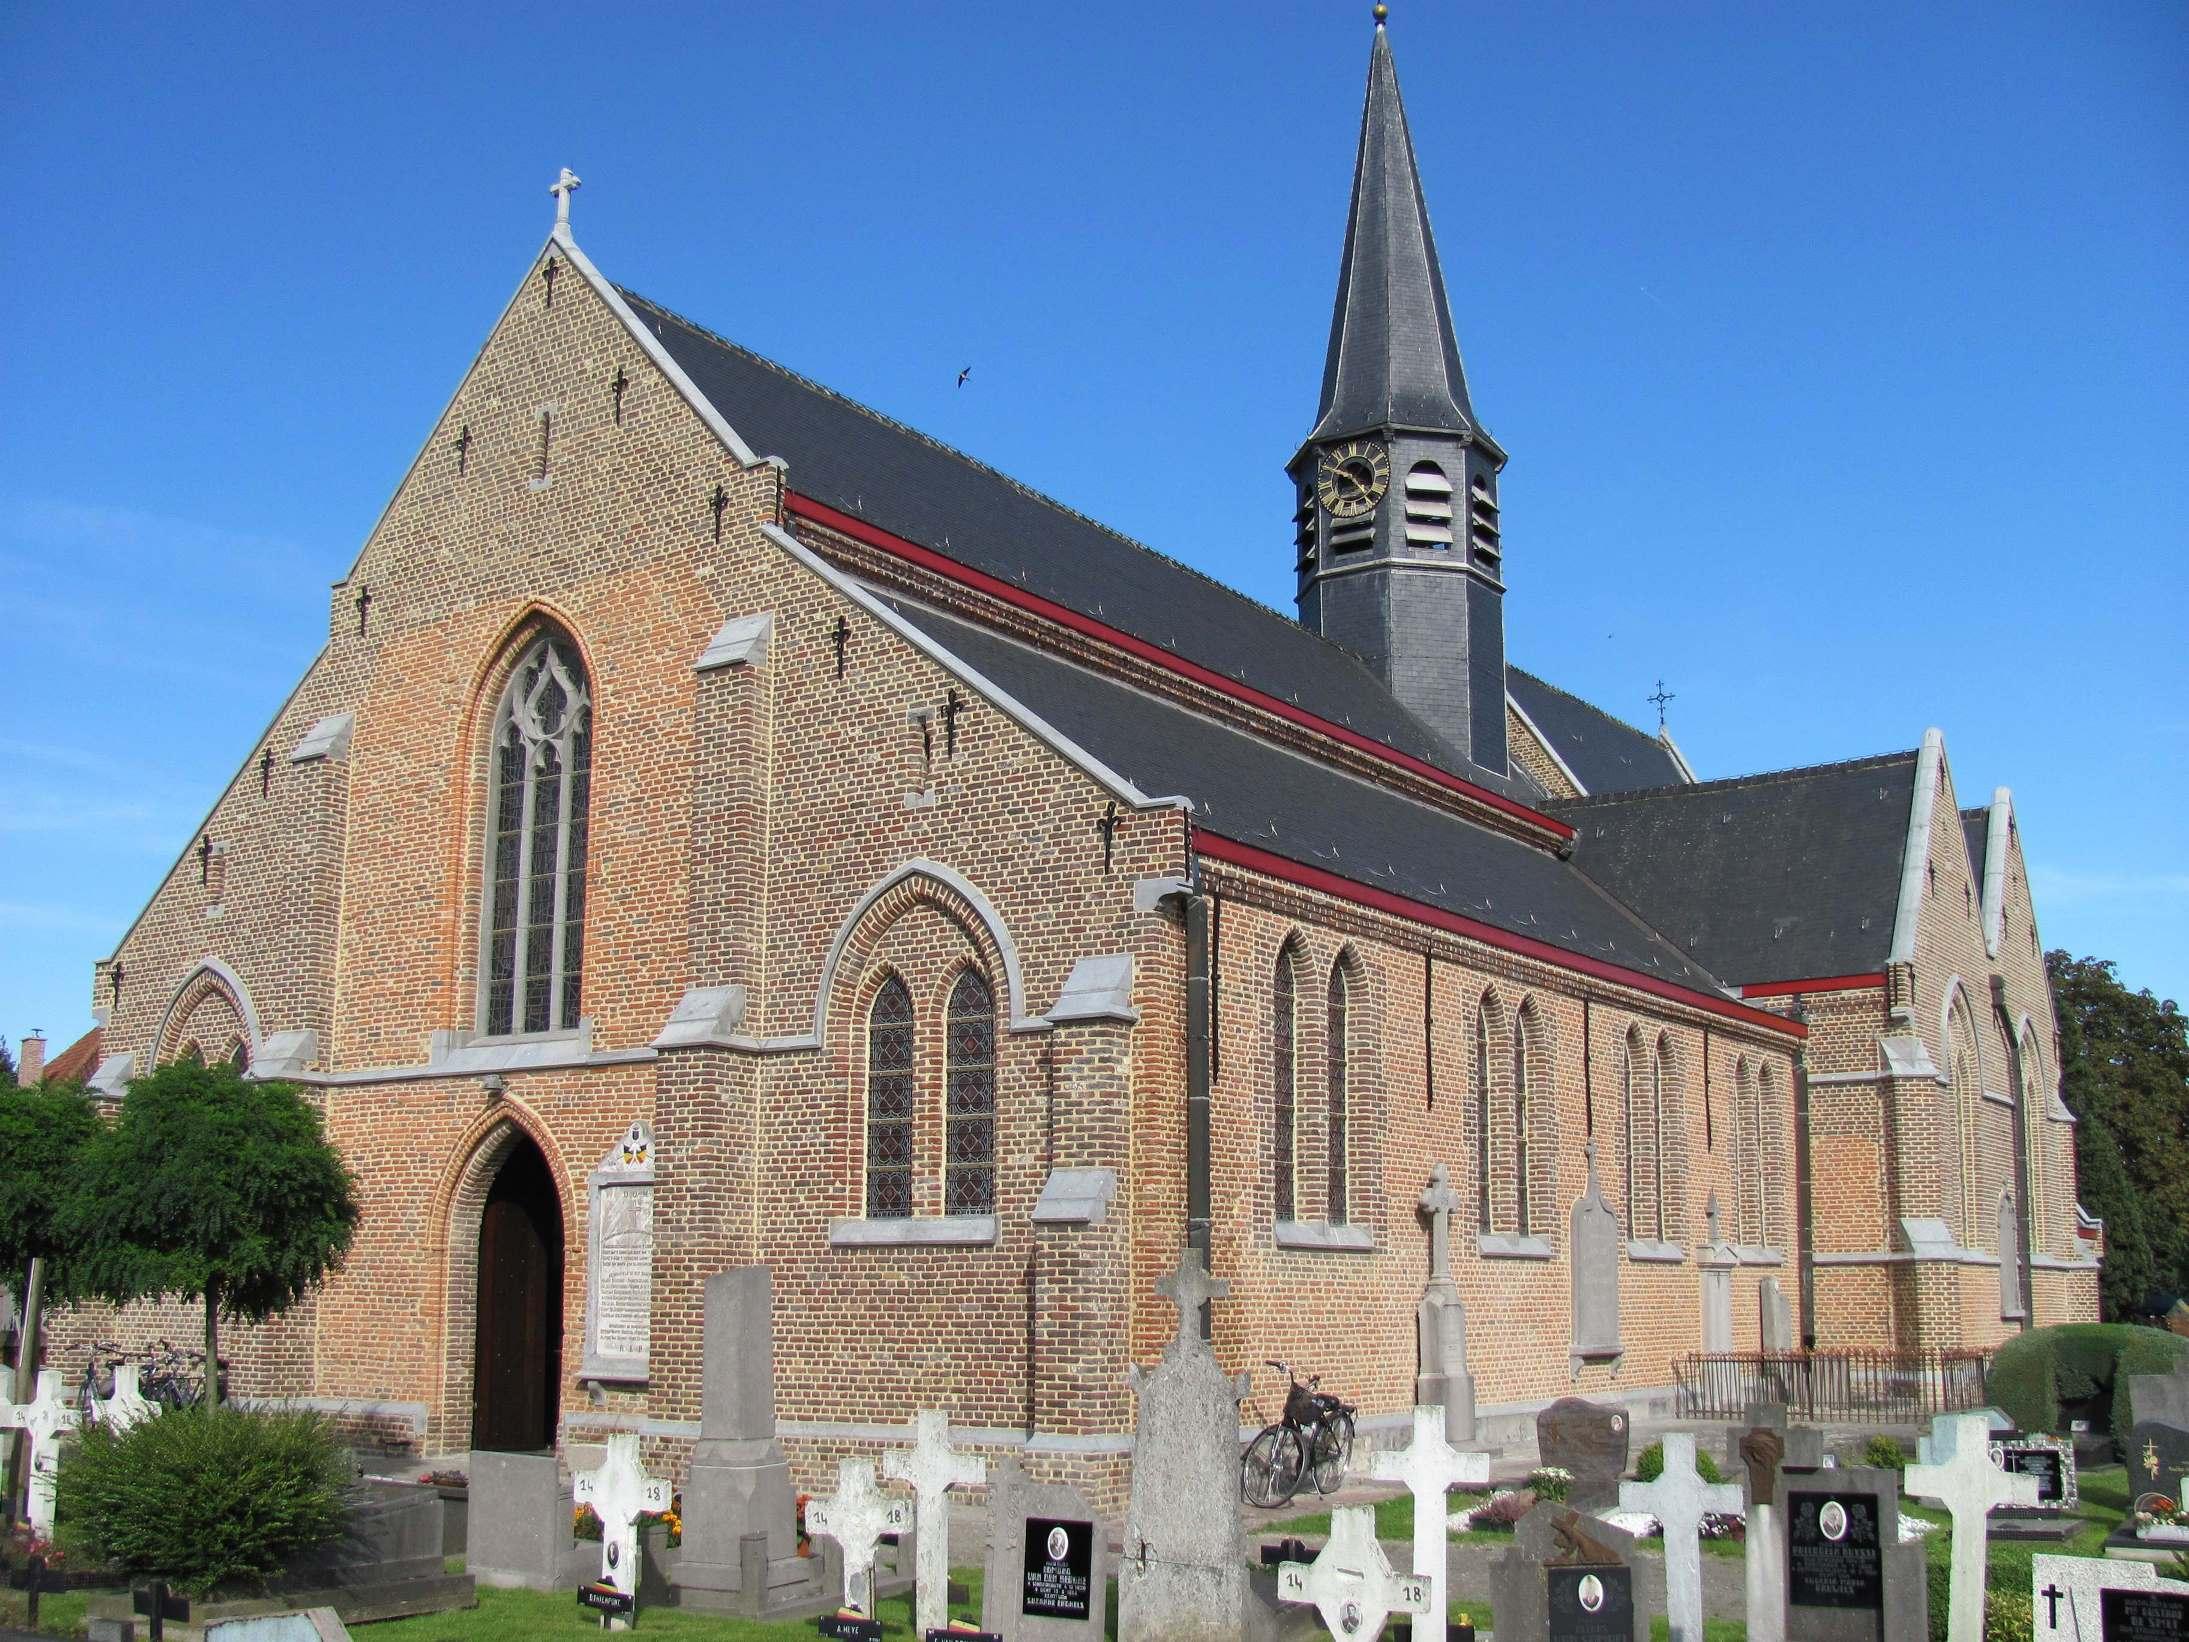 Kerk van Desteldonk